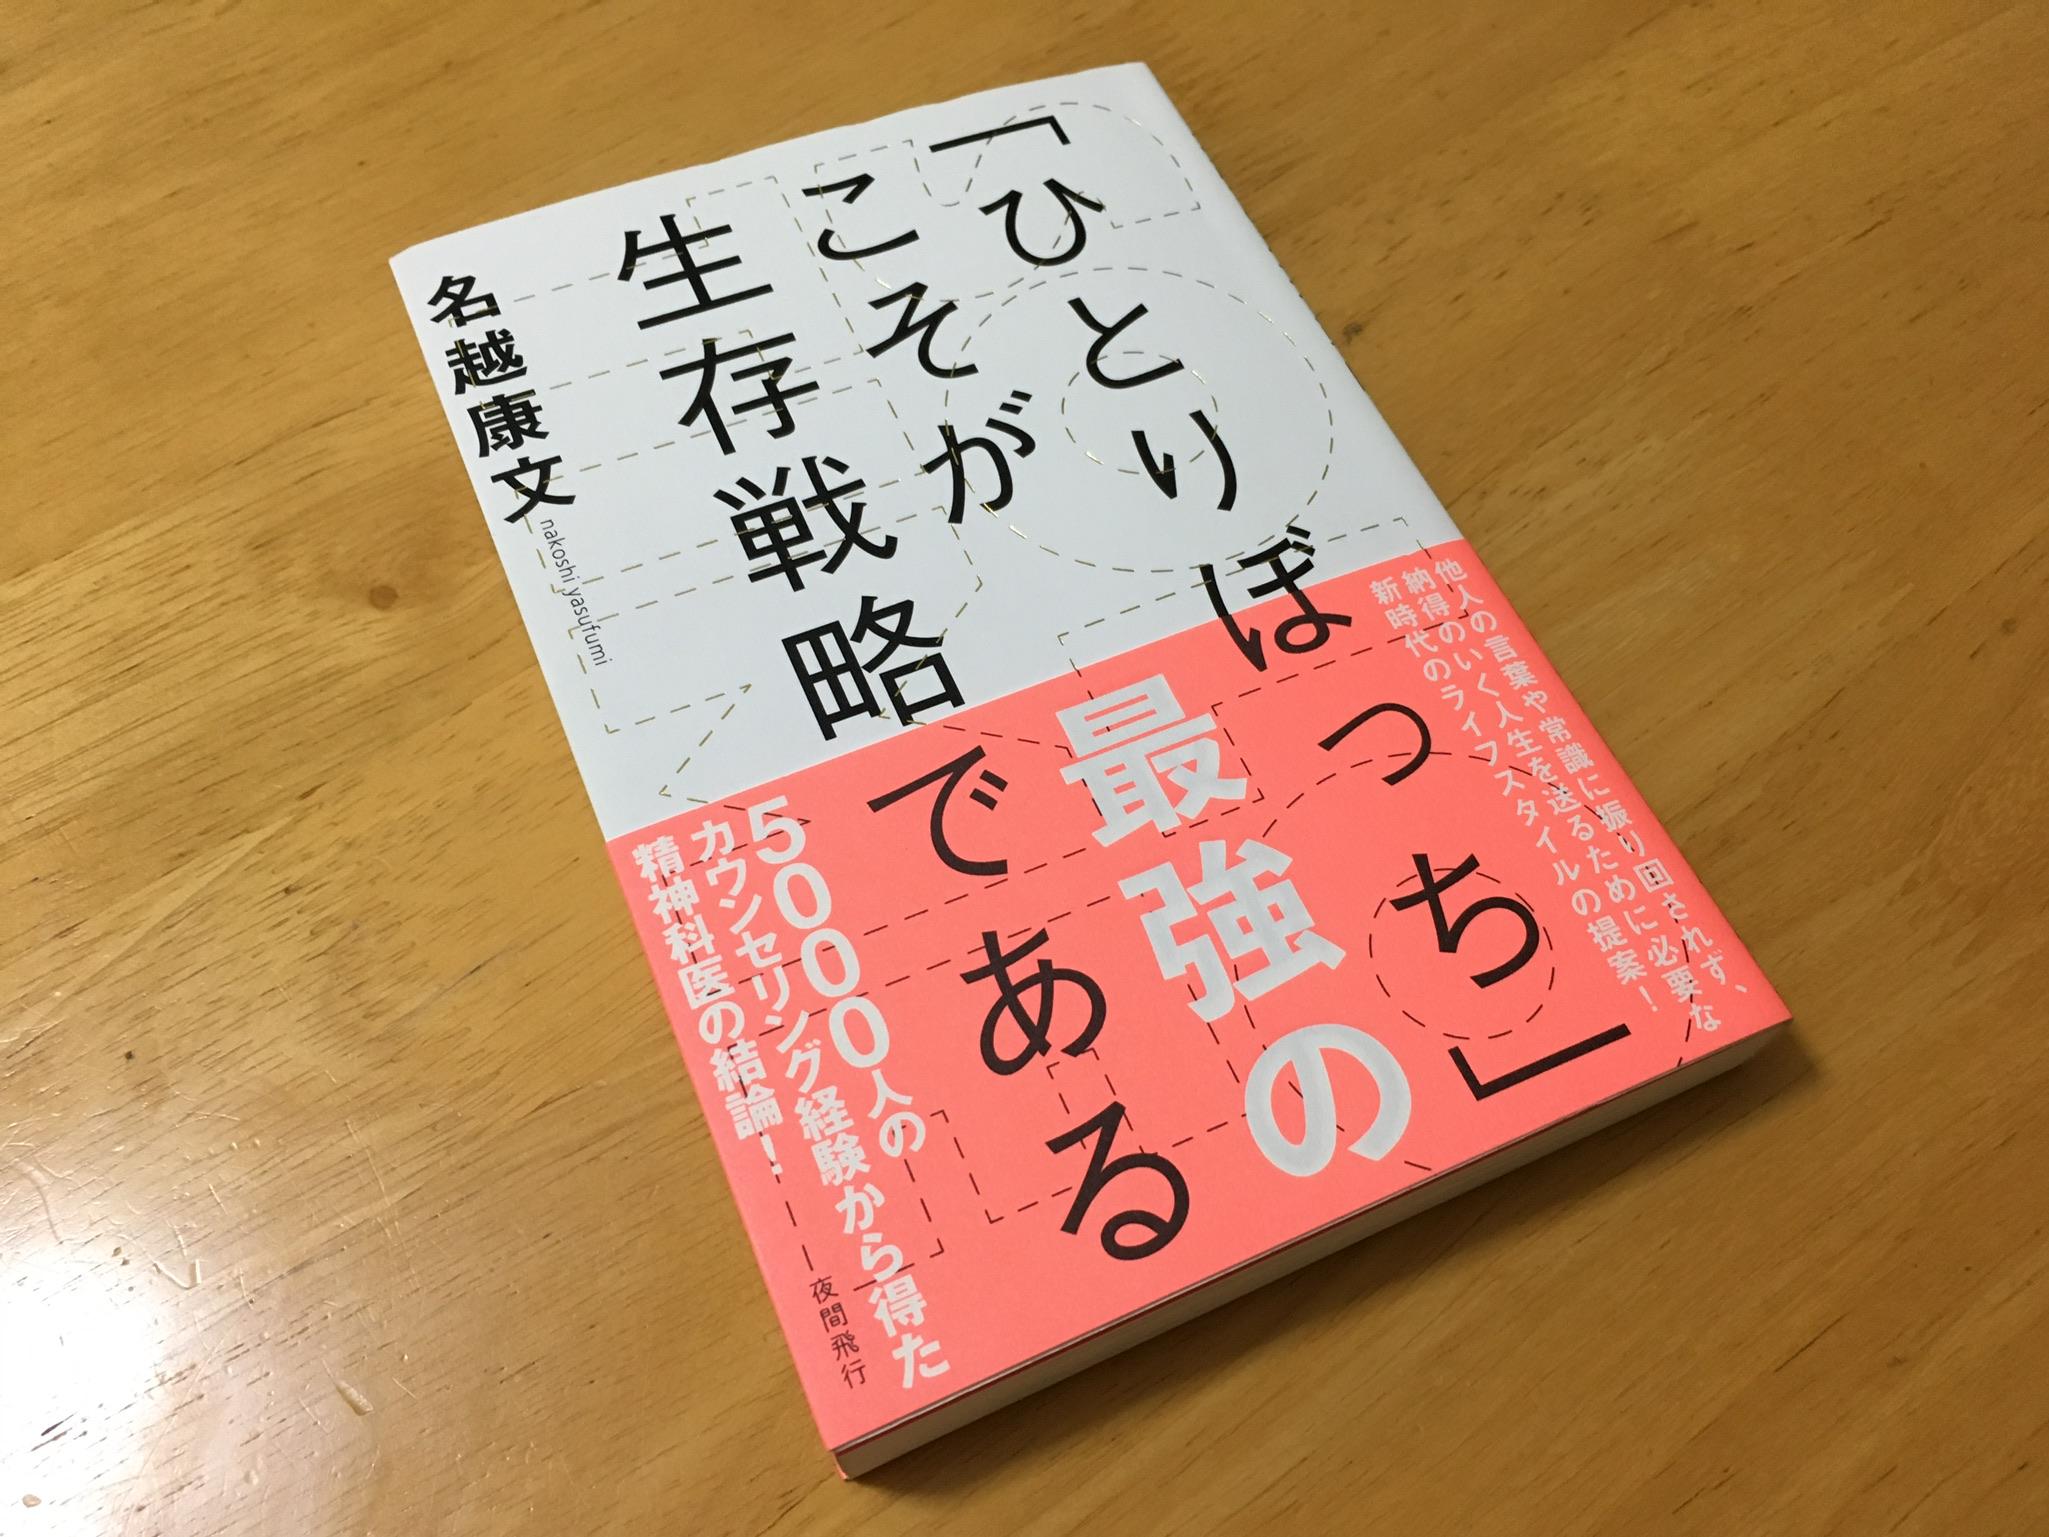 オススメしたい一冊&名越康文先生のトークライブに参加してきました!